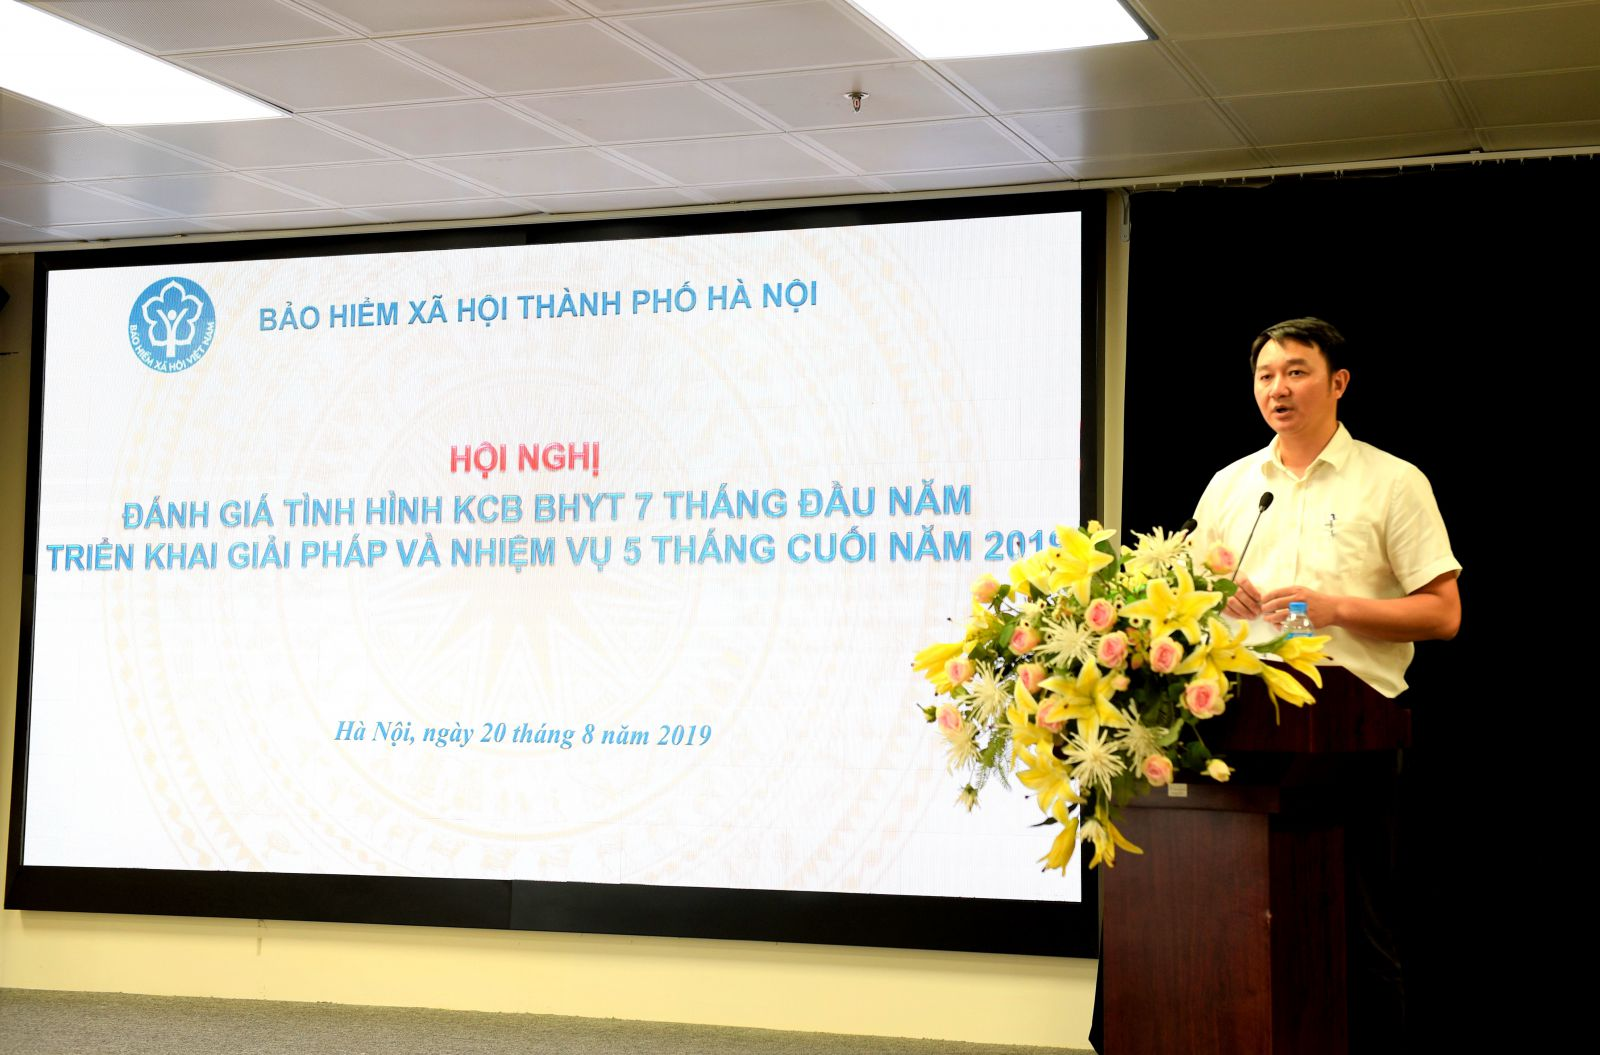 Hà Nội: Phổ biến Nghị quyết 05 của Hội đồng Thẩm phán Tòa án Nhân dân tối cao tới các cơ sở khám chữa bệnh BHYT